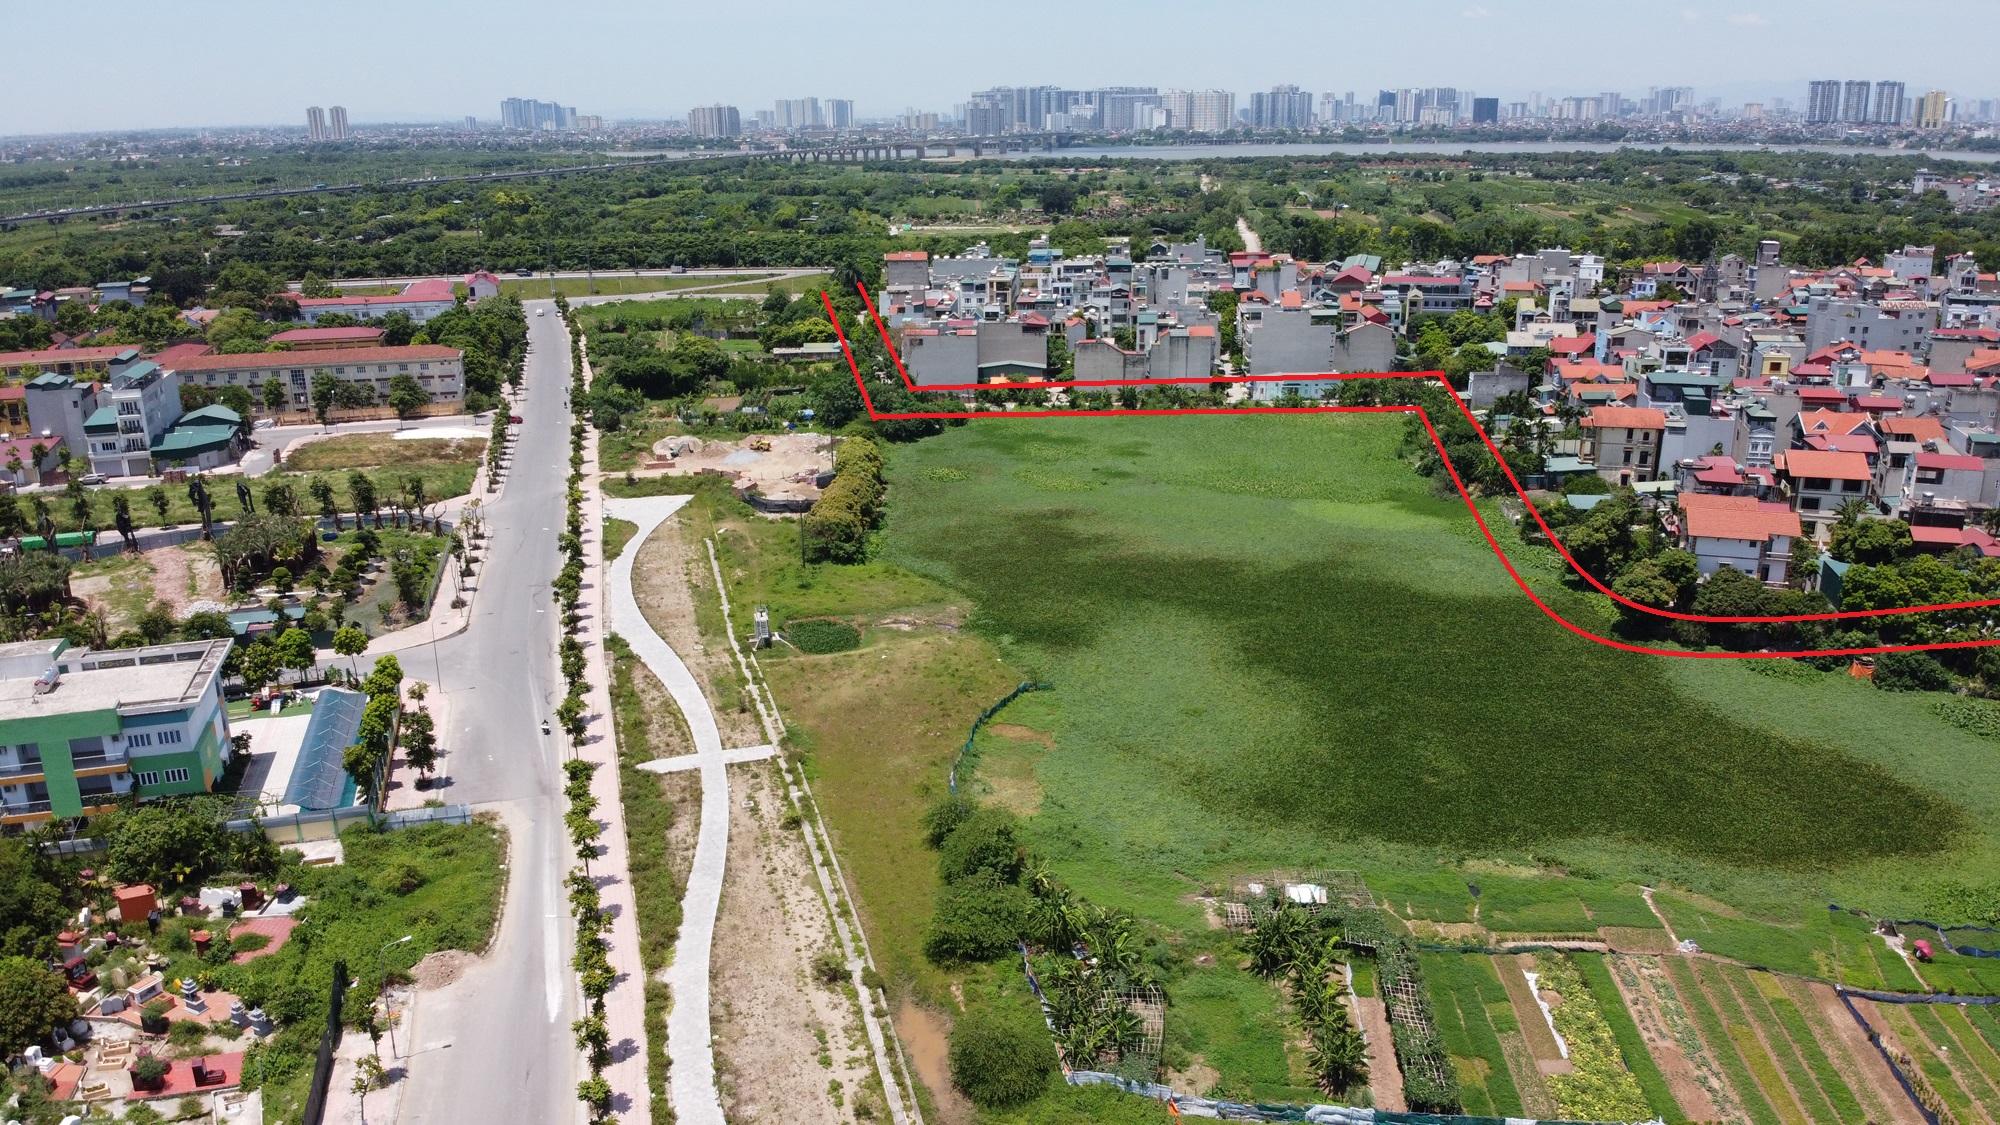 5 đường sẽ mở theo qui hoạch ở phường Long Biên, quận Long Biên, Hà Nội - Ảnh 13.